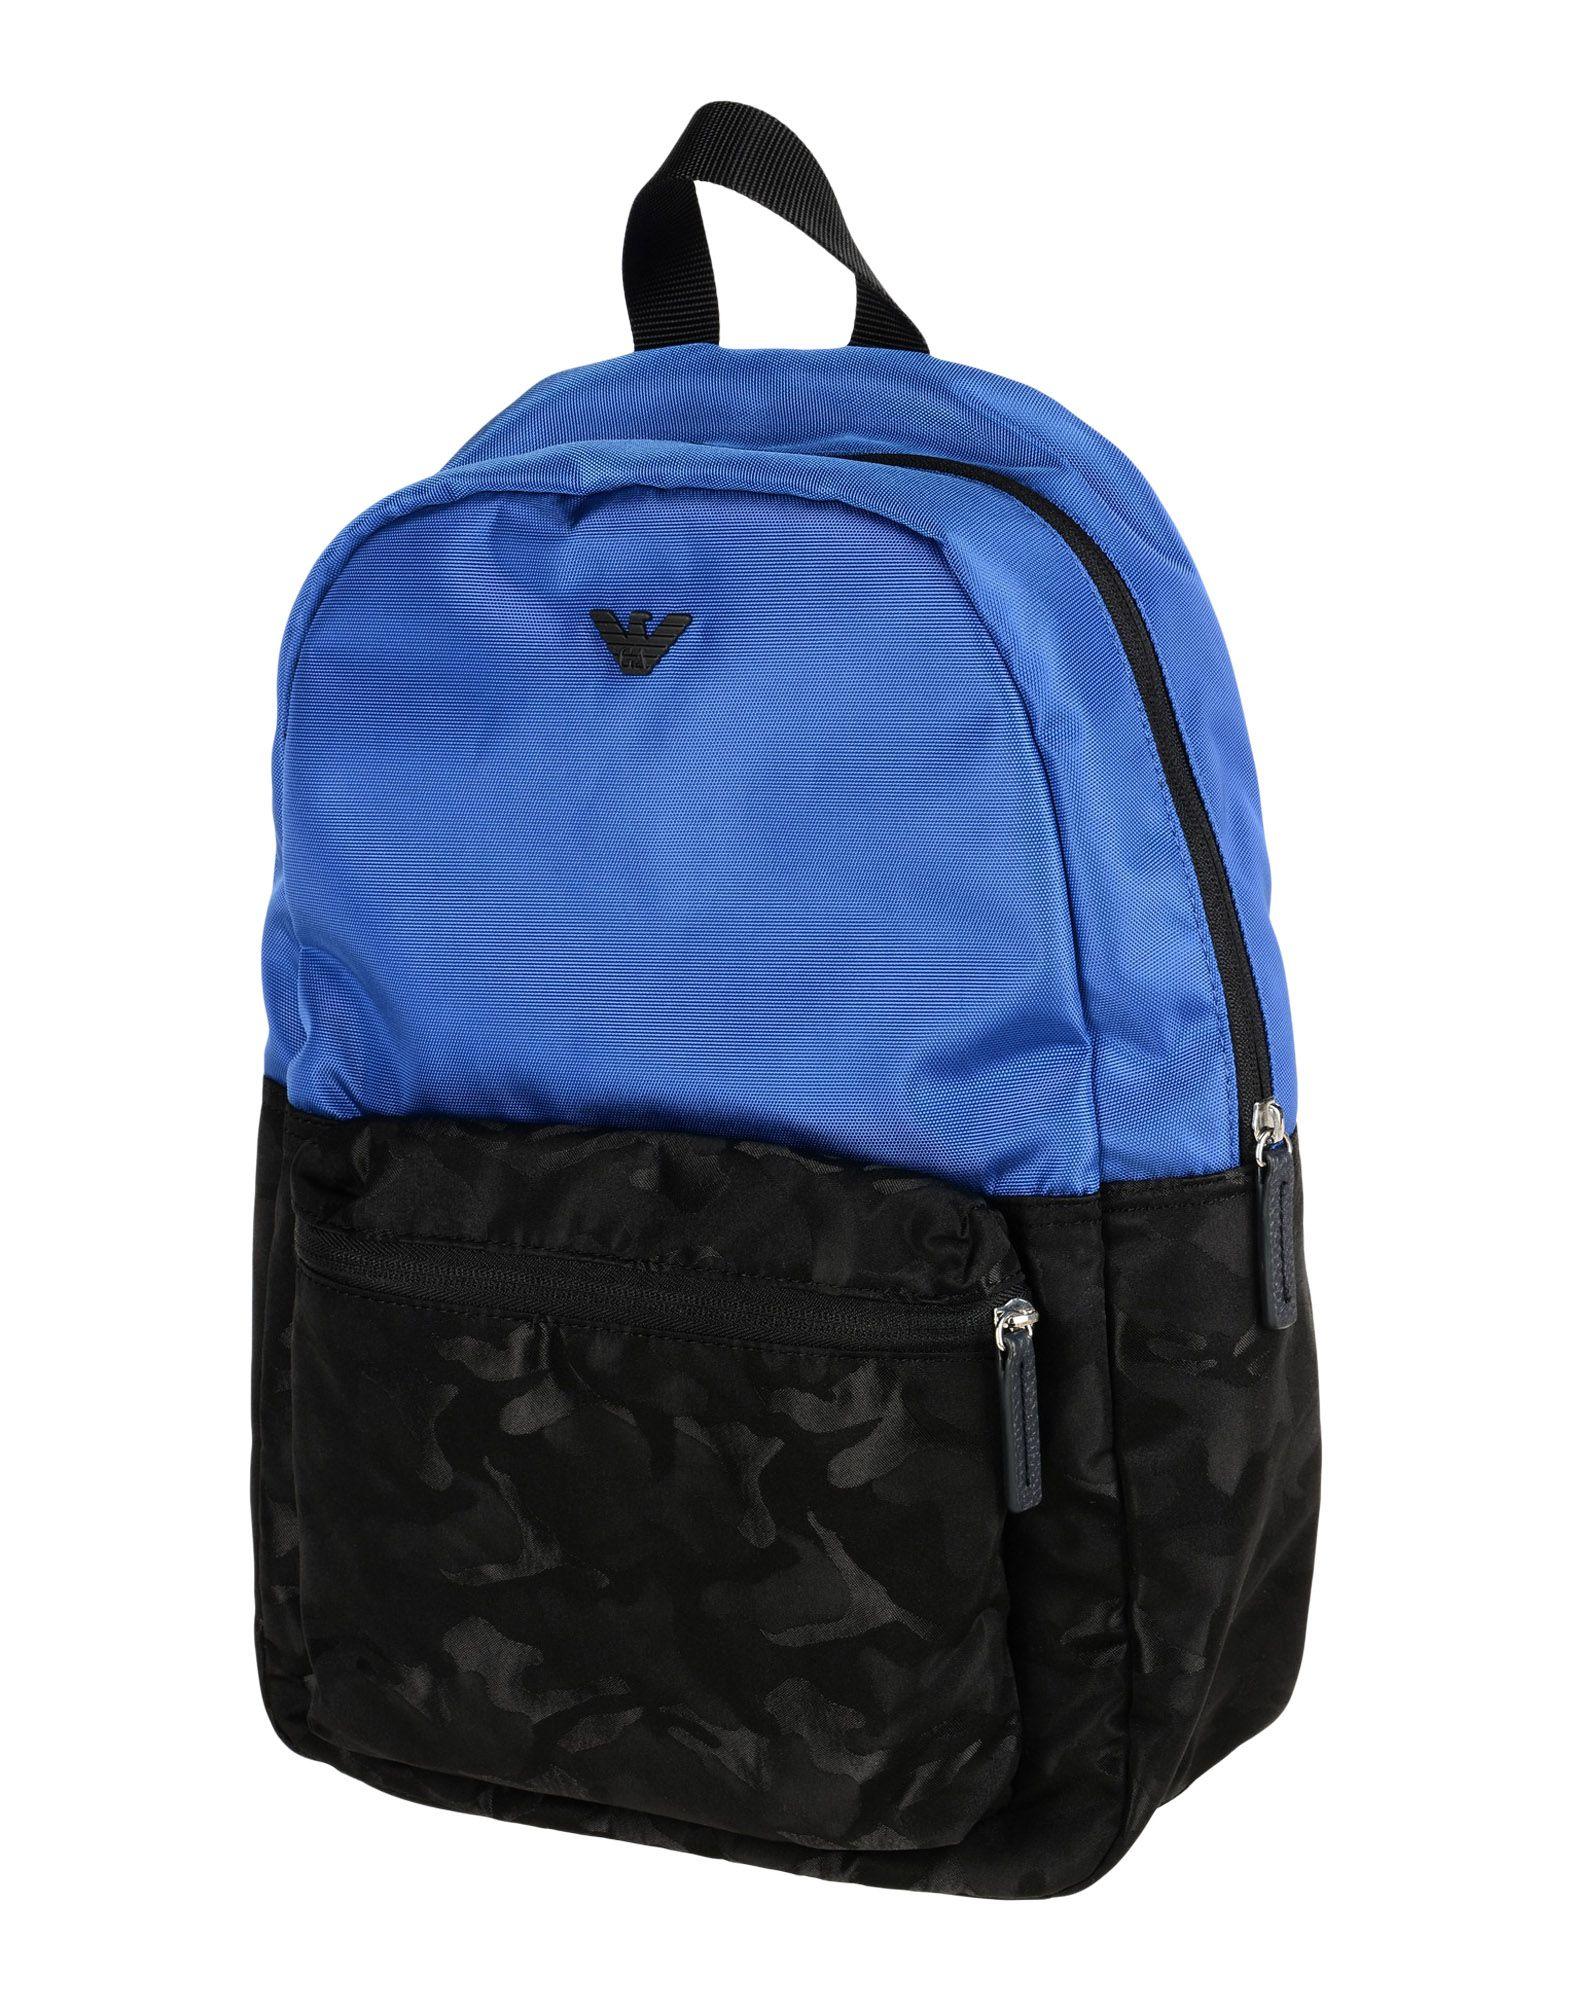 Фото - ARMANI JUNIOR Рюкзаки и сумки на пояс рюкзаки